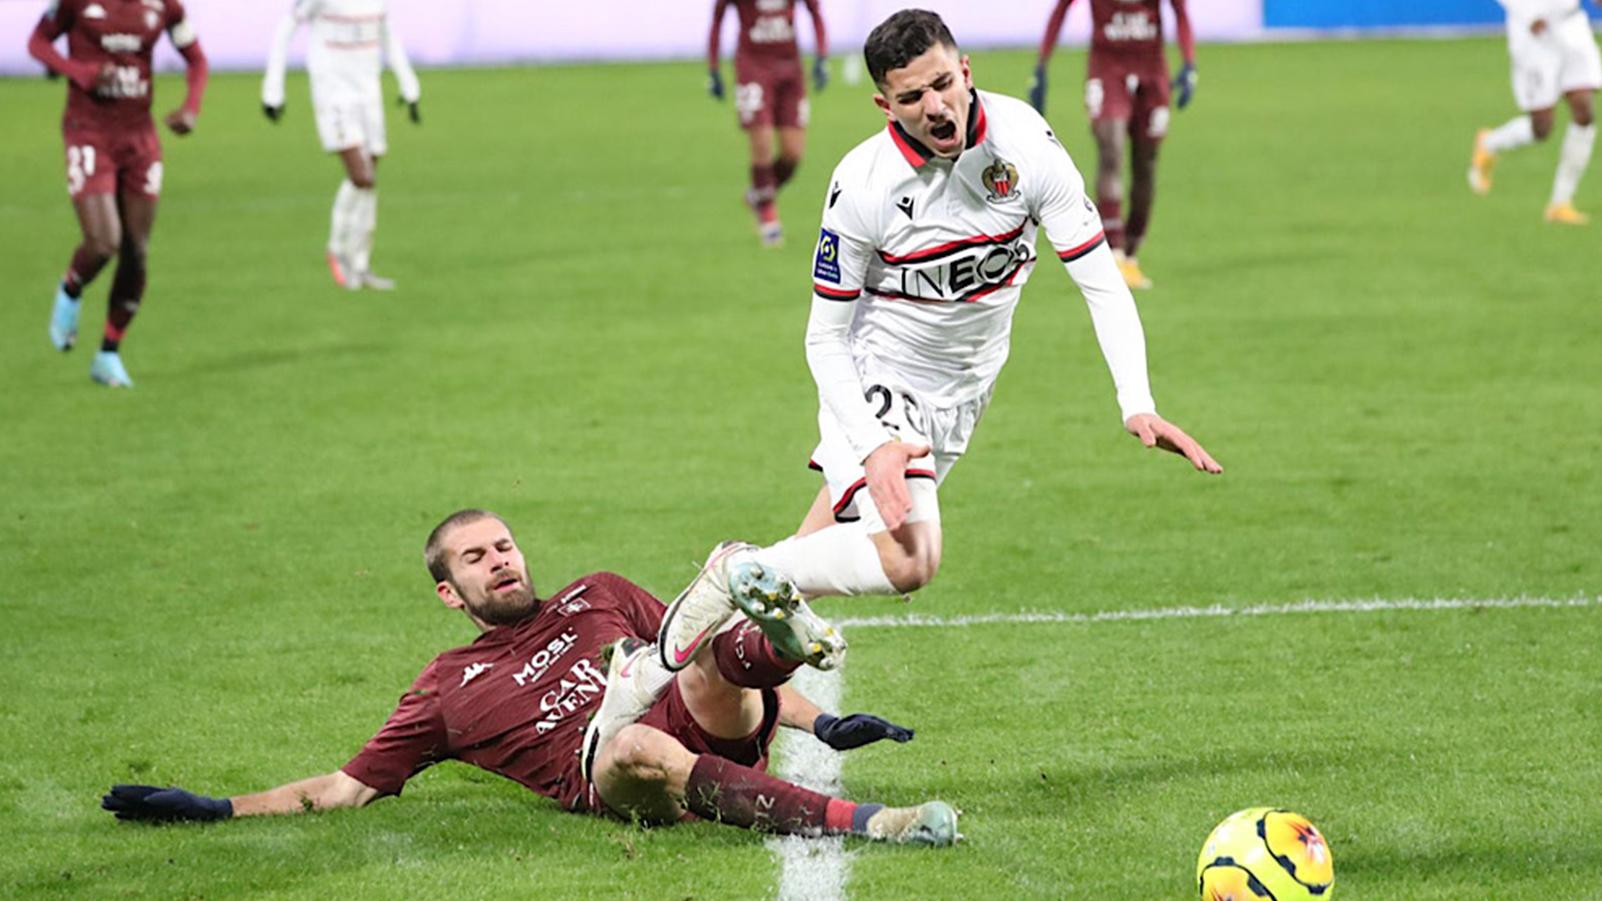 أخبار سيئة للاعب الجزائري يوسف عطال في نادي نيس الفرنسي